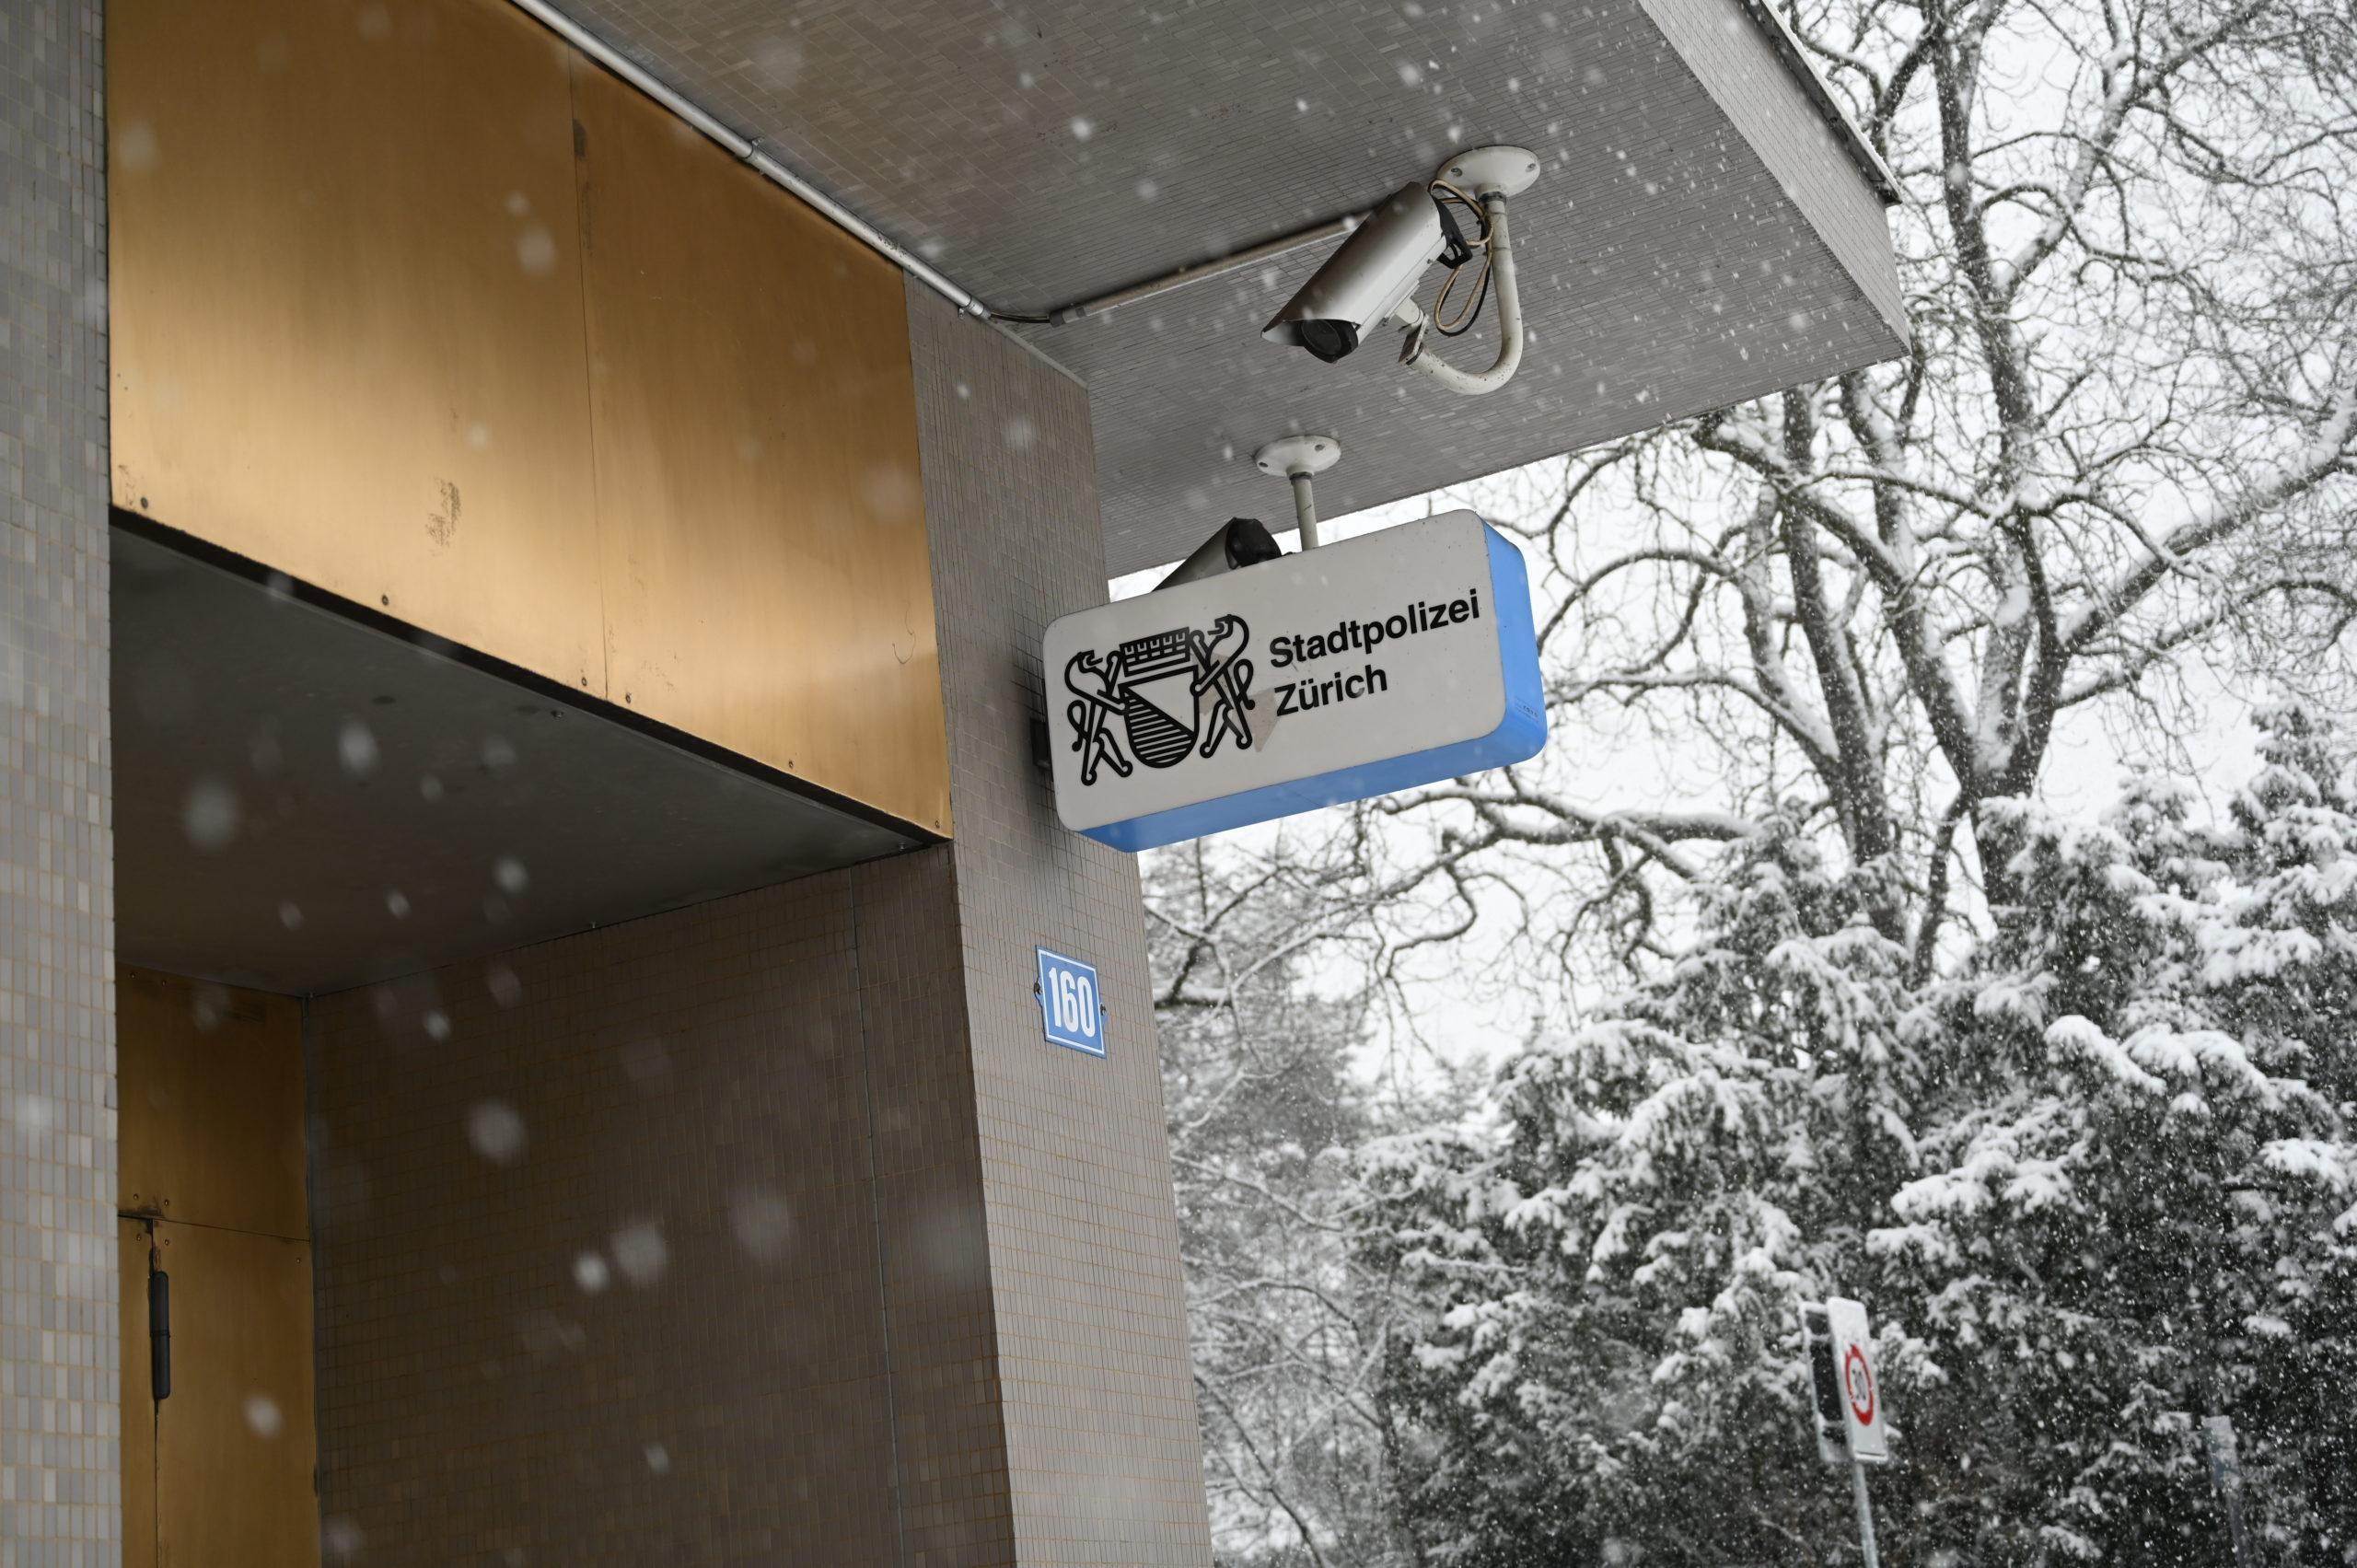 In der Stadt Zürich sind mehr als 3000 Kameras auf den öffentlichen Raum und öffentlich zugängliche Gebäude gerichtet.